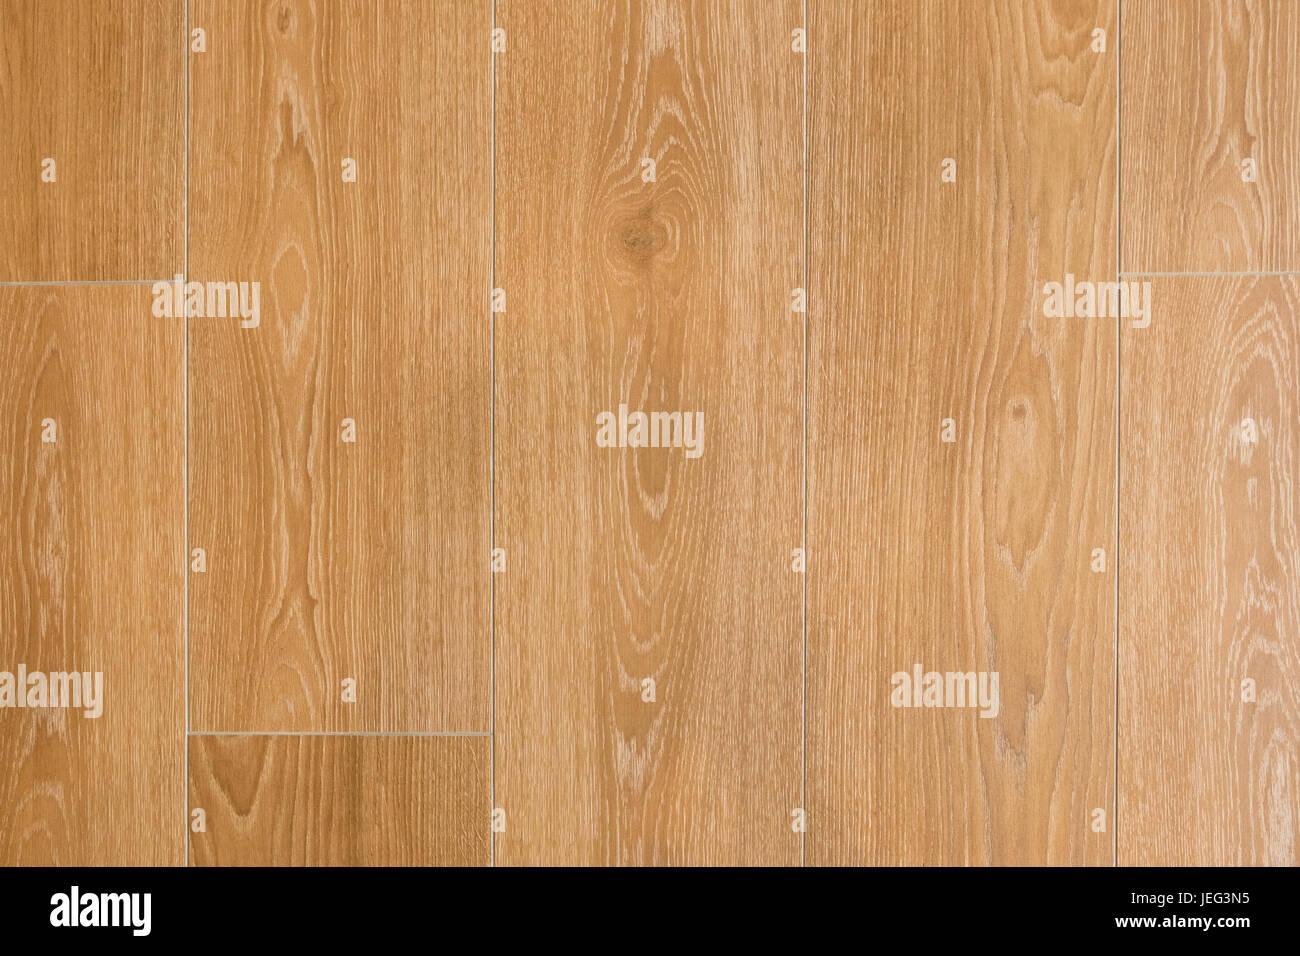 Tiles With Wooden Texture   Tiled Floor , Wood Design